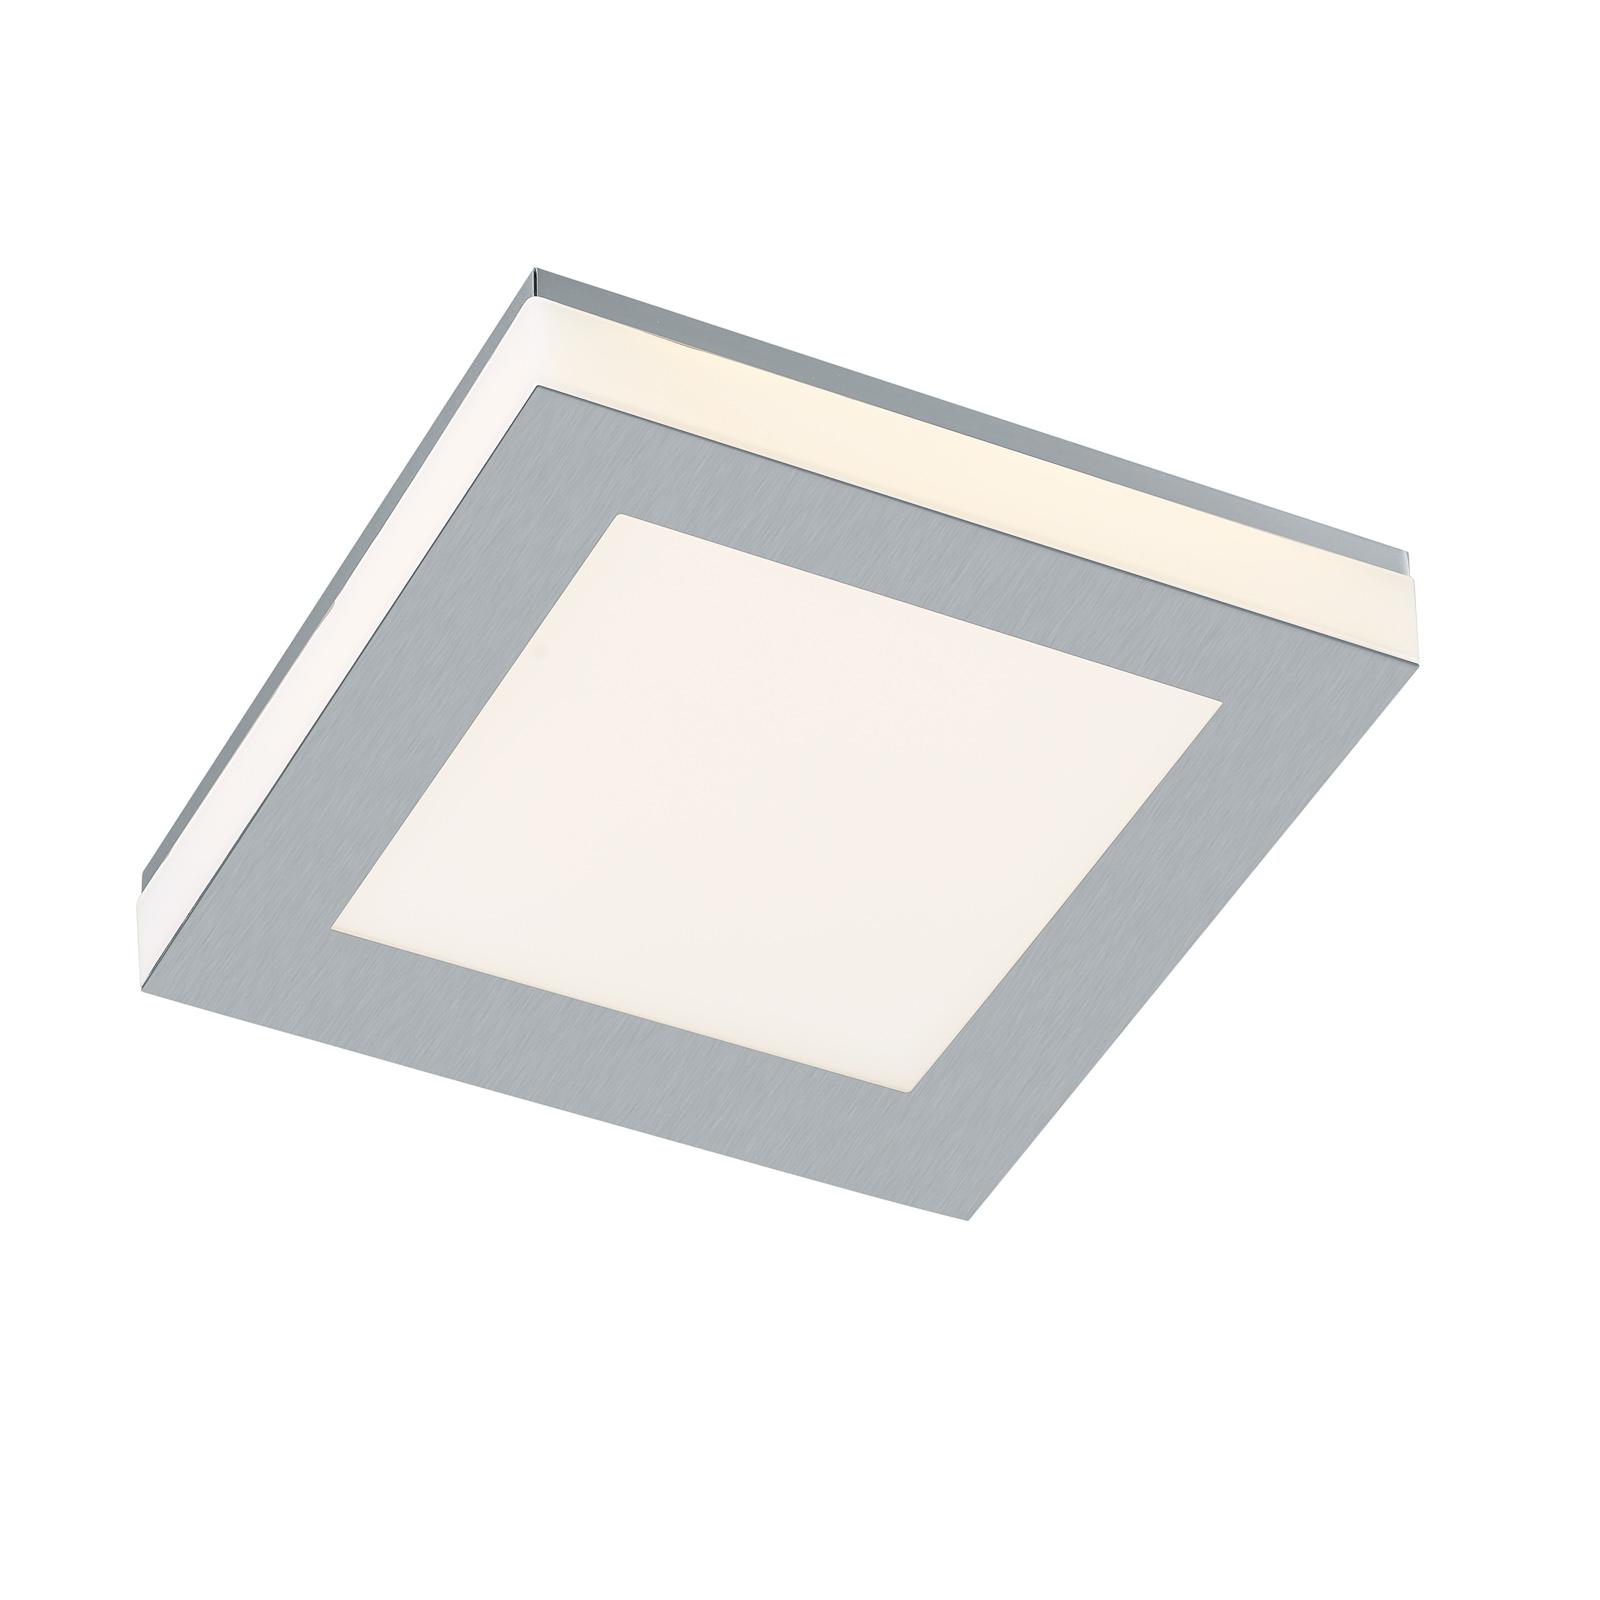 B-Leuchten Quadro LED-taklampe 22x22cm